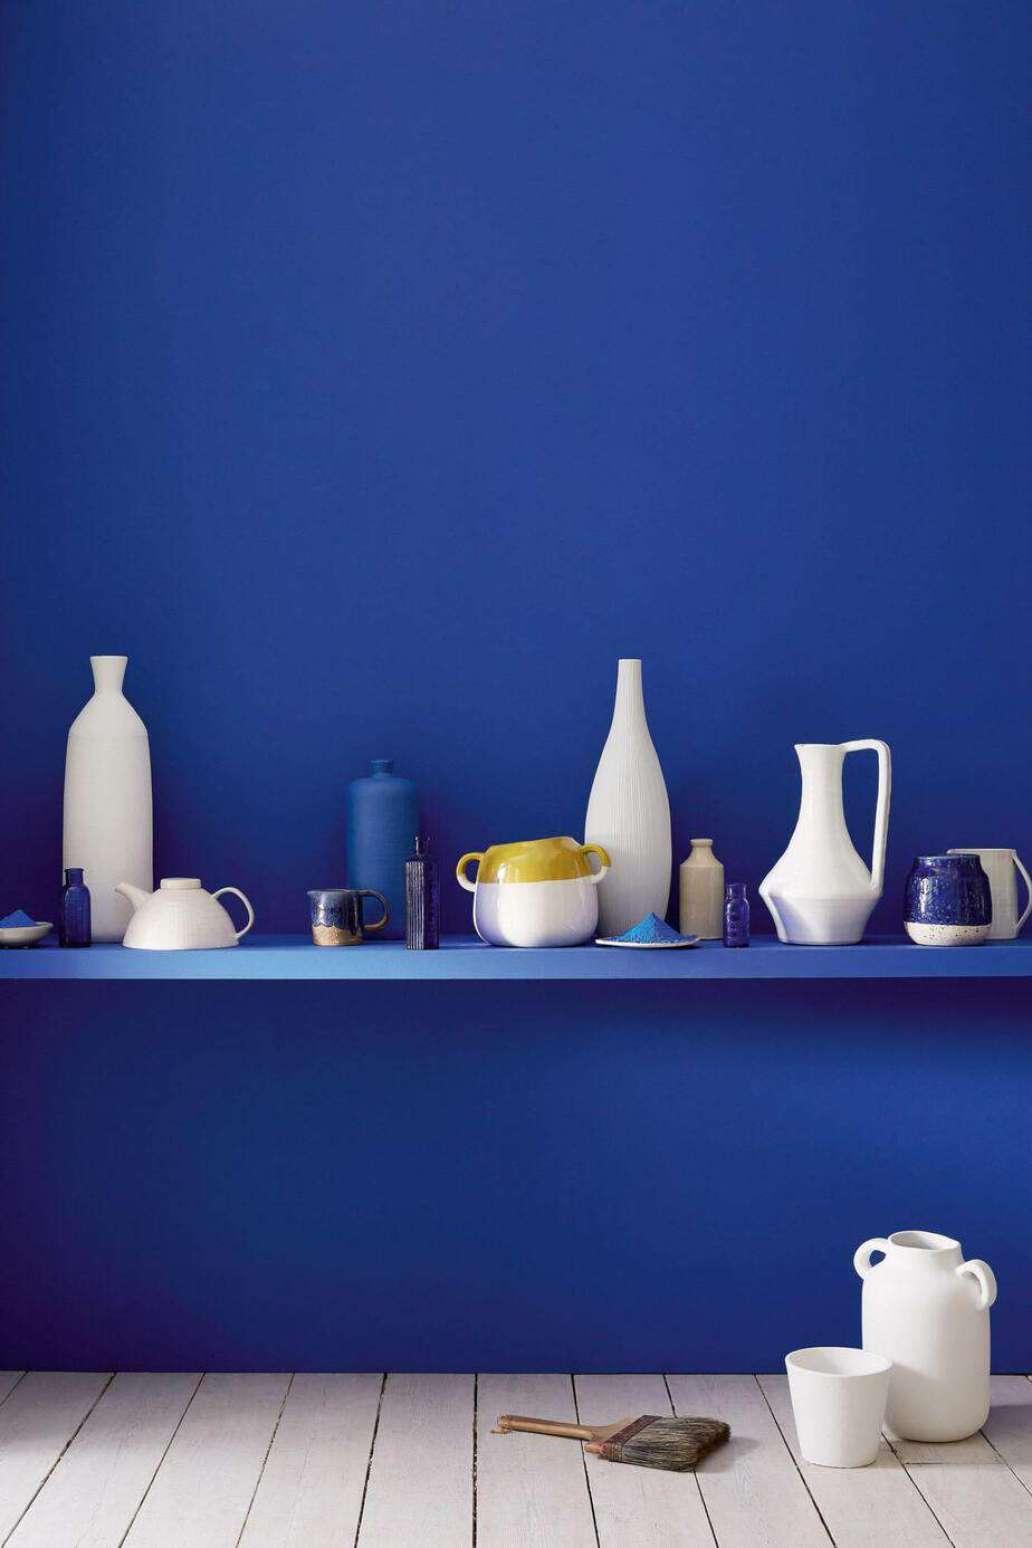 bleu indigo decoration dinspiration grecque  1365x2048 - Réussir une décoration d'inspiration grecque